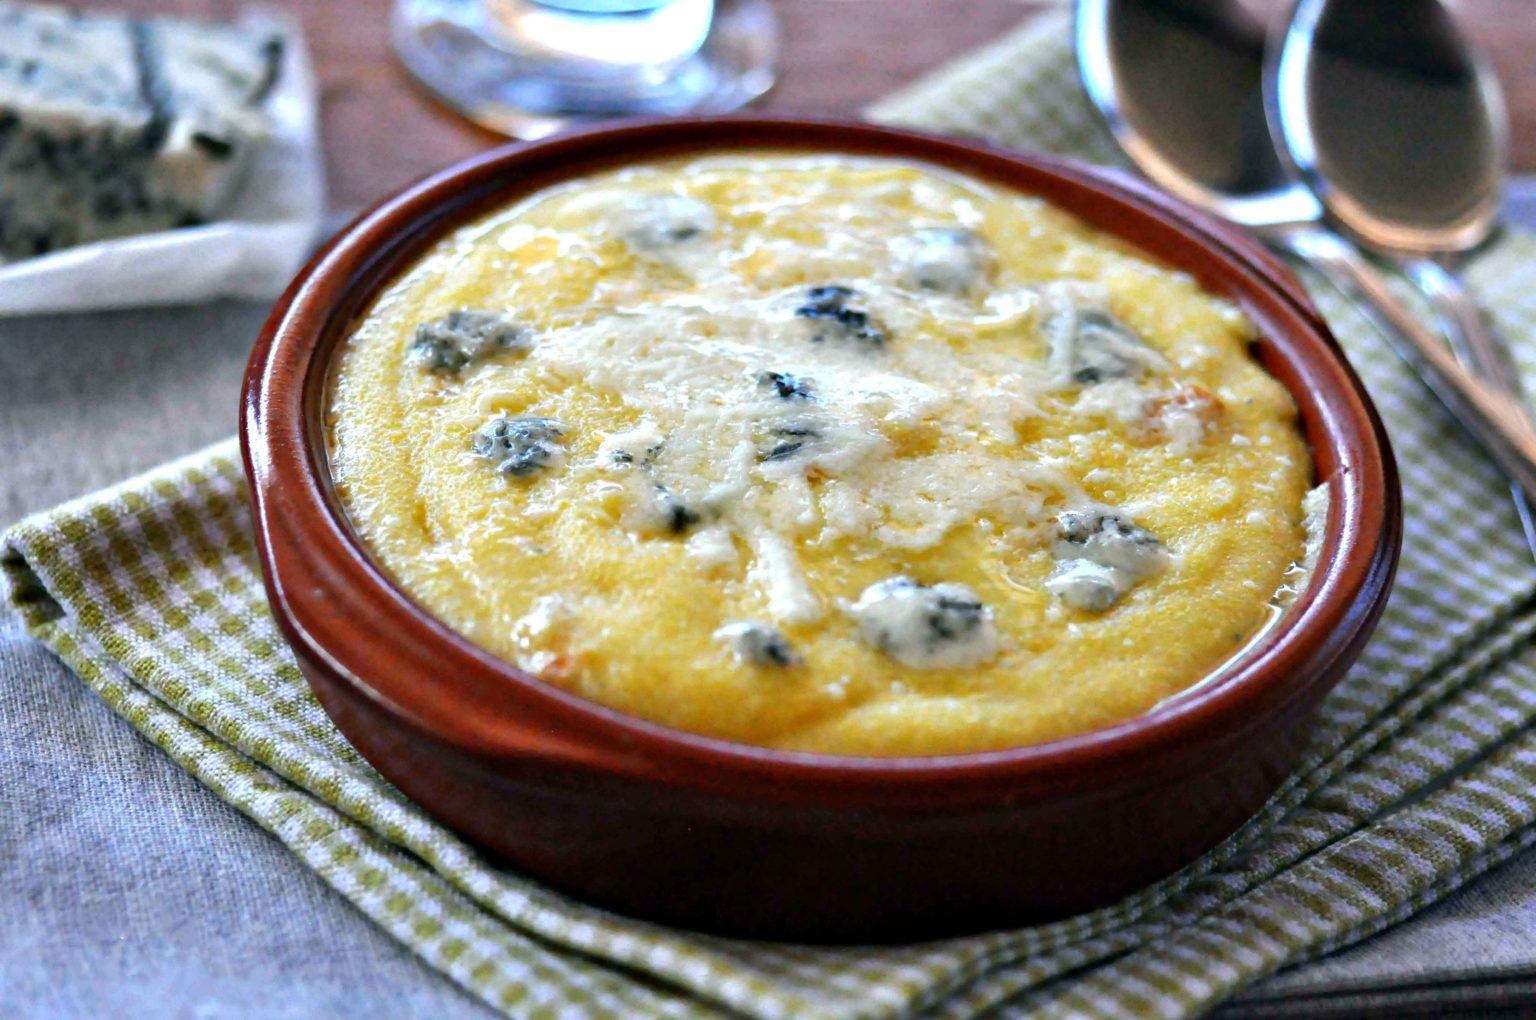 polenta-concia-orapa-biela-14-2